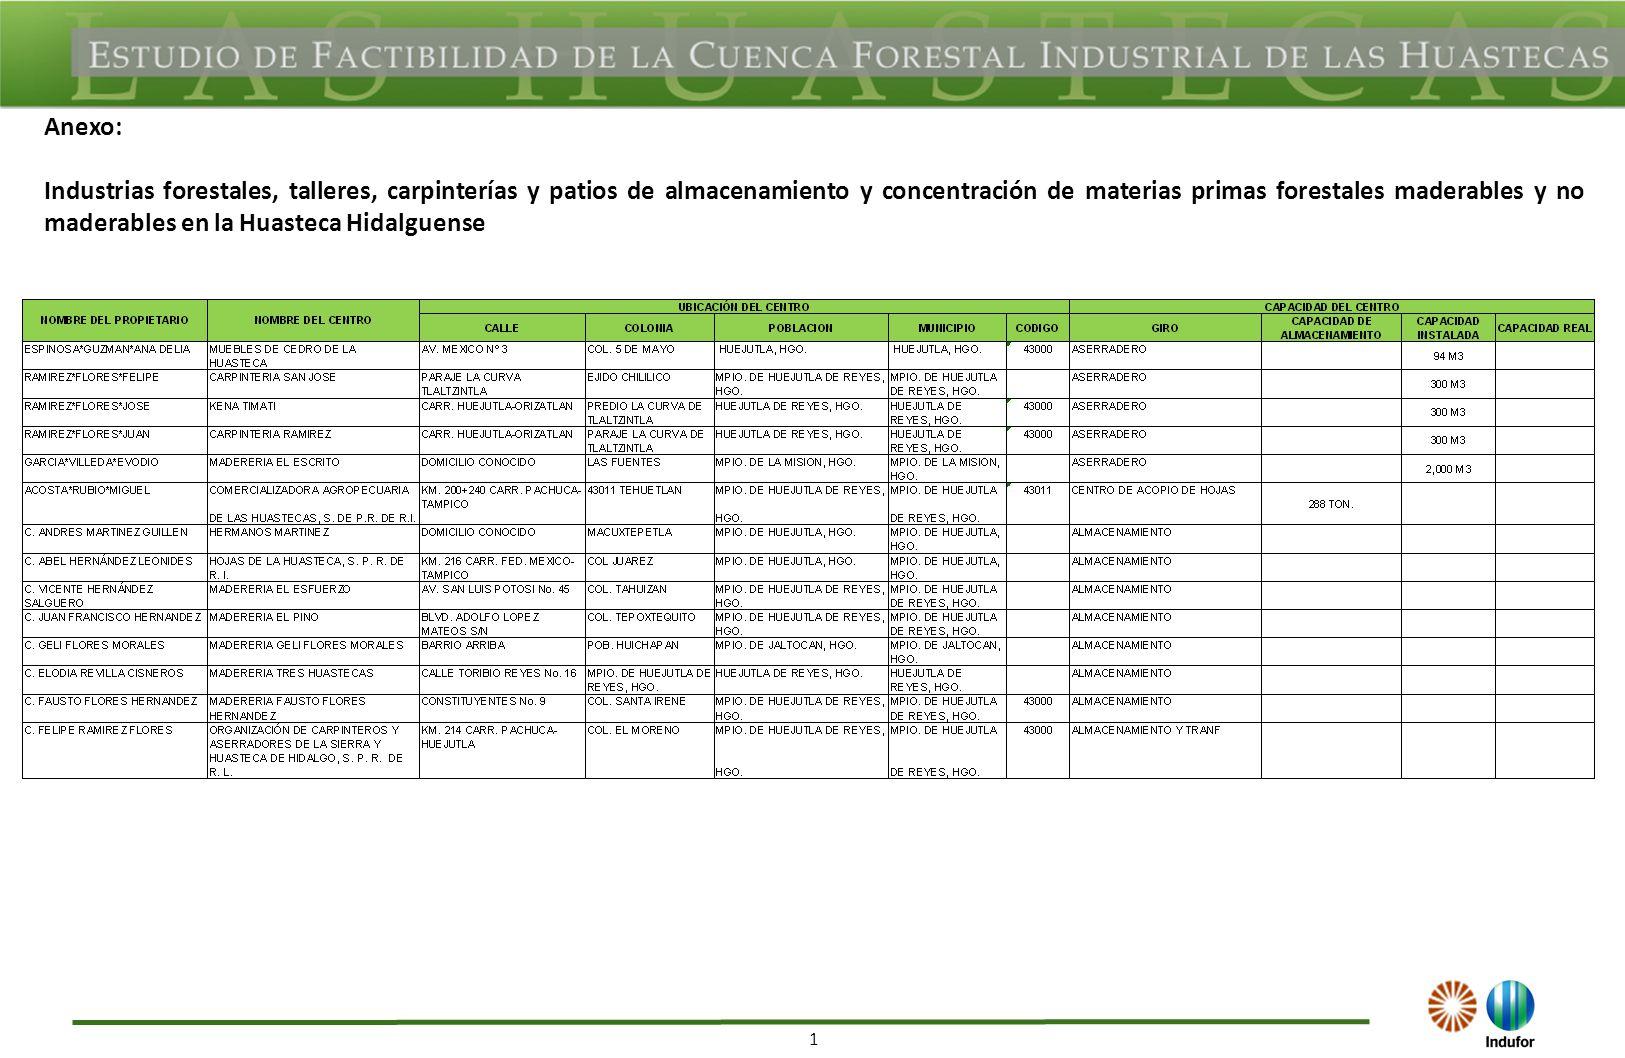 1 Anexo: Industrias forestales, talleres, carpinterías y patios de almacenamiento y concentración de materias primas forestales maderables y no maderables en la Huasteca Hidalguense